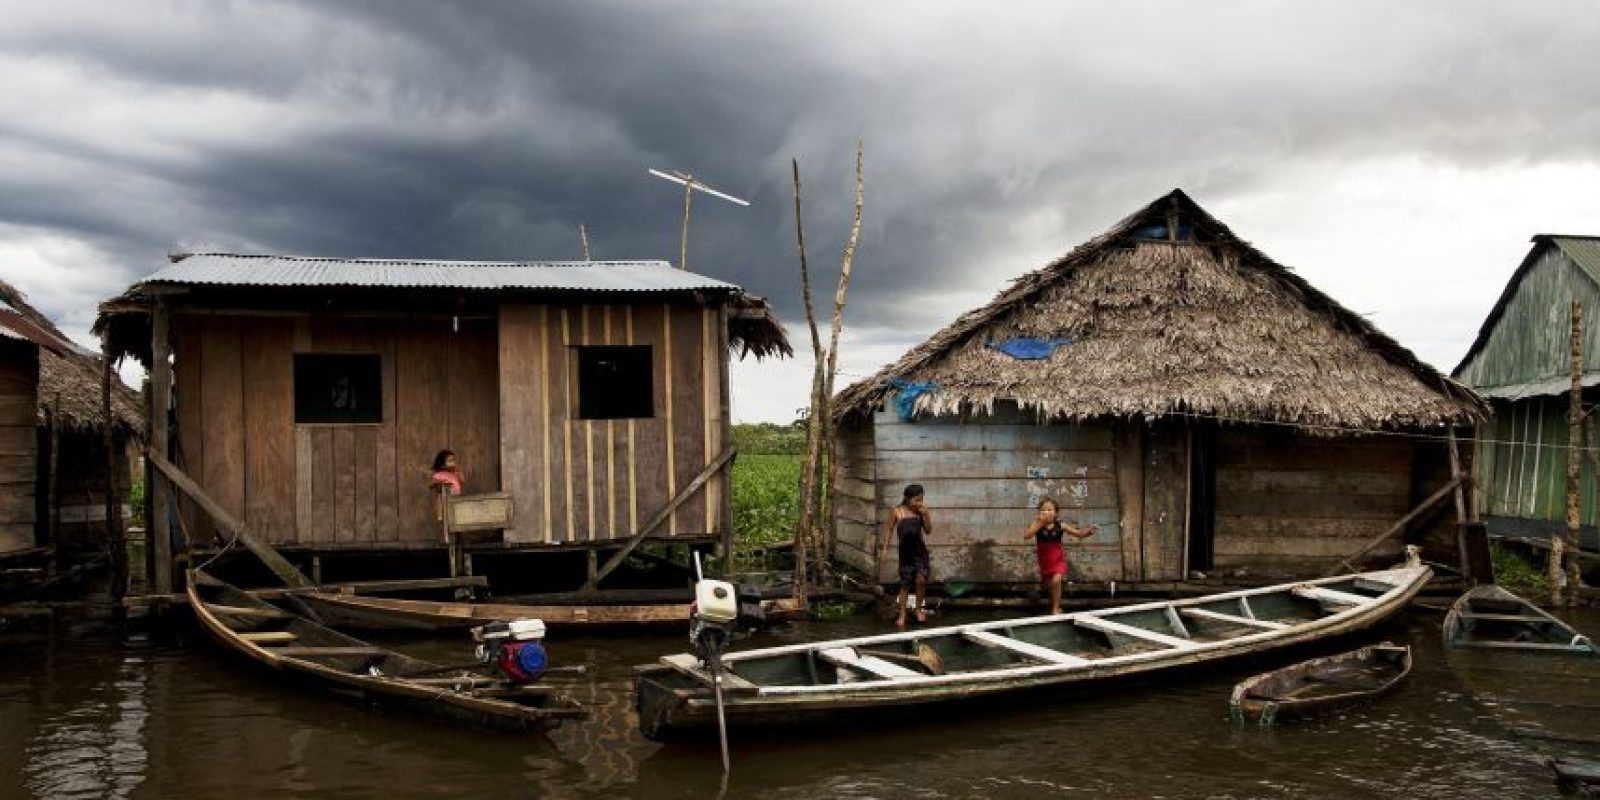 """En esta imagen de 19 de abril 2005, embarcaciones amarradas a casas en una tarde lluviosa een el barrio de Belén en Iquitos, Perú. Esta empobrecida comunidad peruana conocida como """"Venecia de la jungla"""", vive la mitad del año inundada, con canoas en lugar de taxis motocicleta como medio de transporte preferido. Para que la viviendas no se inunden cuando el río ITaya se desborda, se construyen tres metros por encima del suelo, sostenidas por postes, de madera de la jungla. Foto:AP/ Rodrigo Abd"""